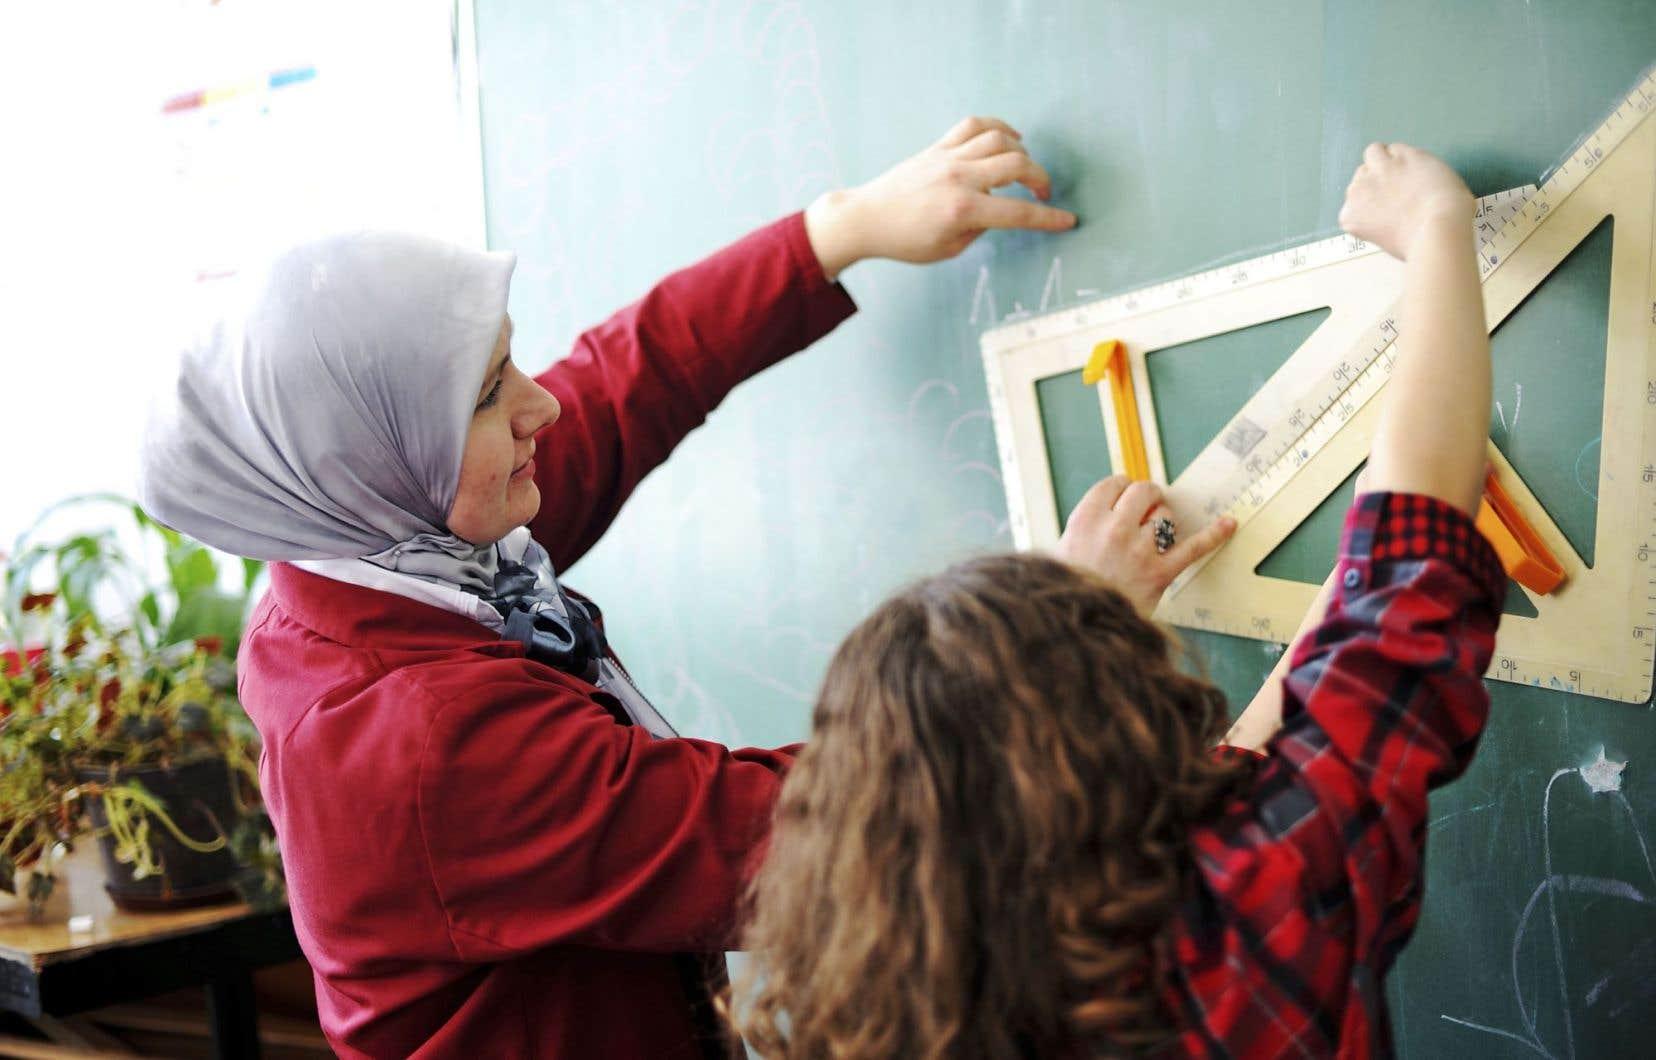 Il y aurait une augmentation du nombre d'enseignantes, mais surtout d'éducatrices portant le hidjab dans des écoles montréalaises.